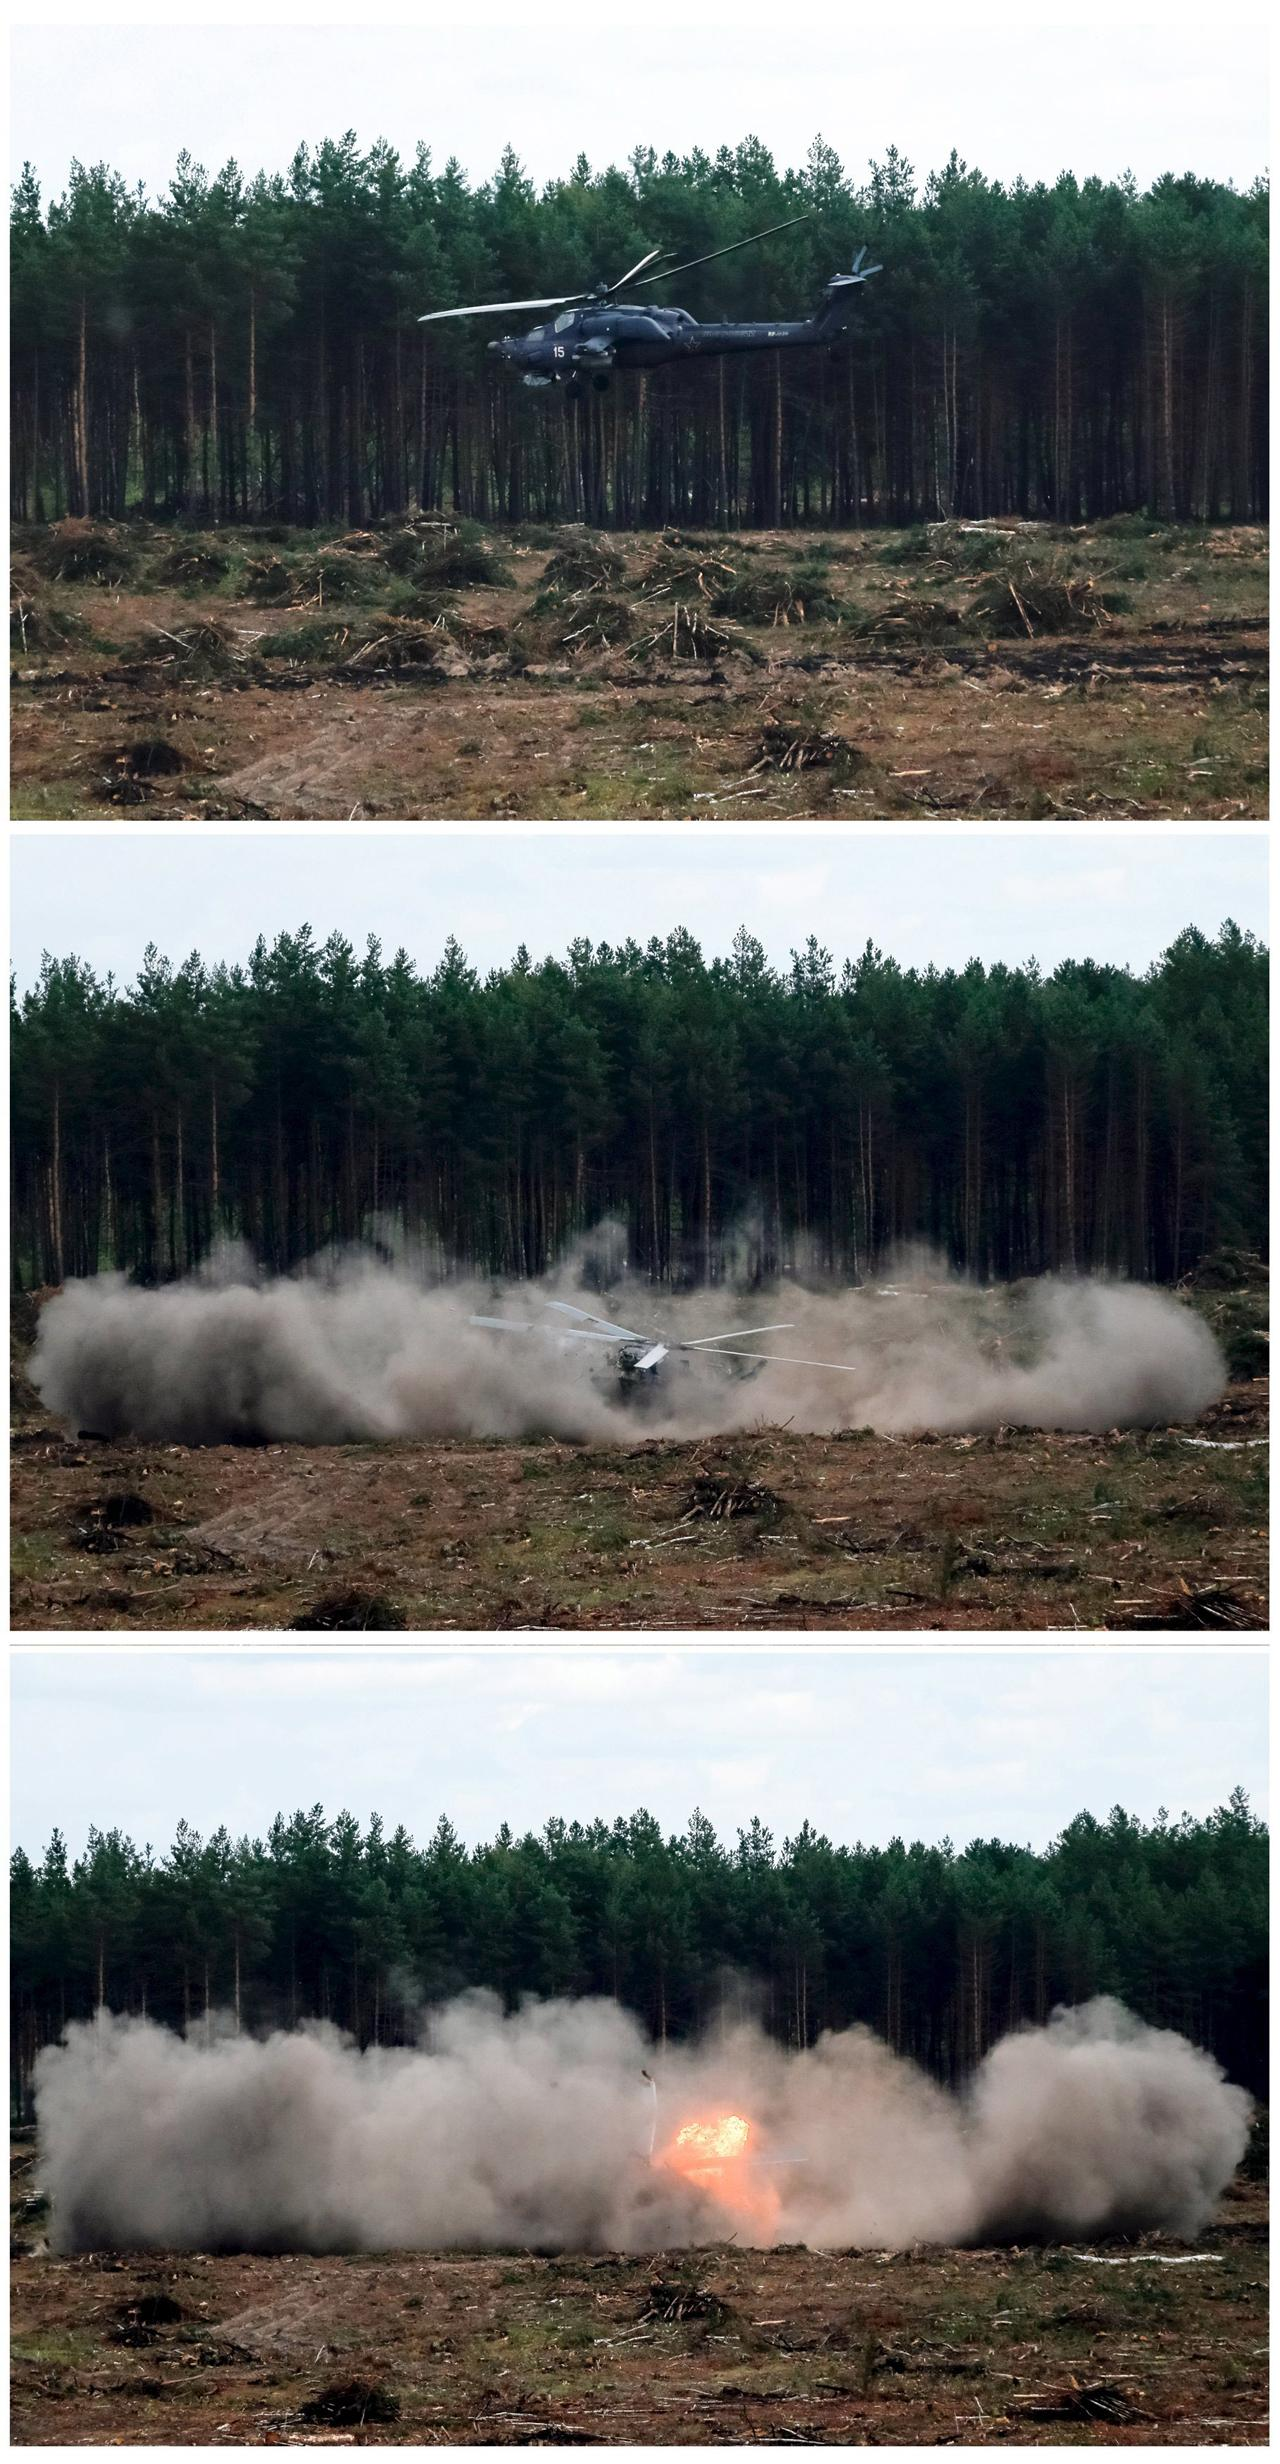 วินาทีระทุกในเมื่อ ฮ.Mi-28 ค่อยๆ หมุนคว้างร่วงกระแทกพื้น